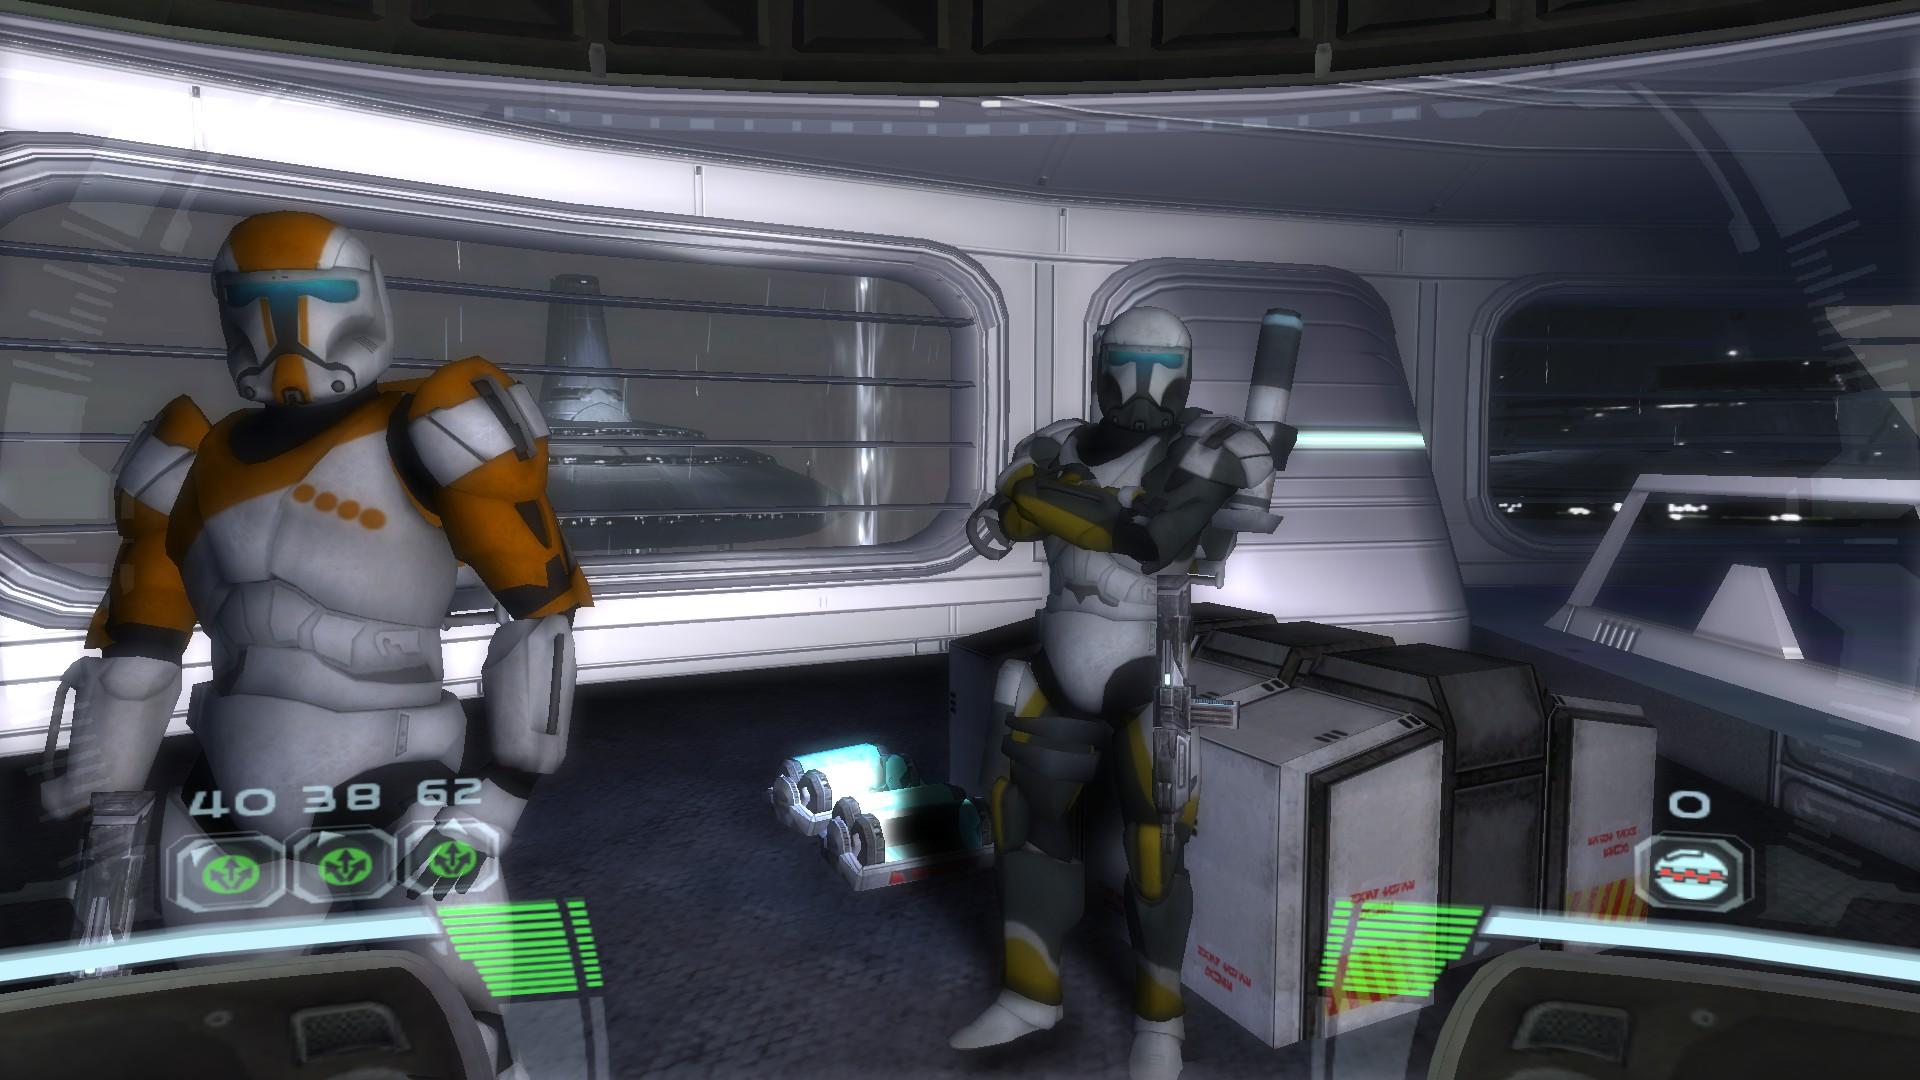 Delta Squad Accept New Squad Member Image Star Wars Republic Commando Multiverse Mod For Star Wars Republic Commando Mod Db